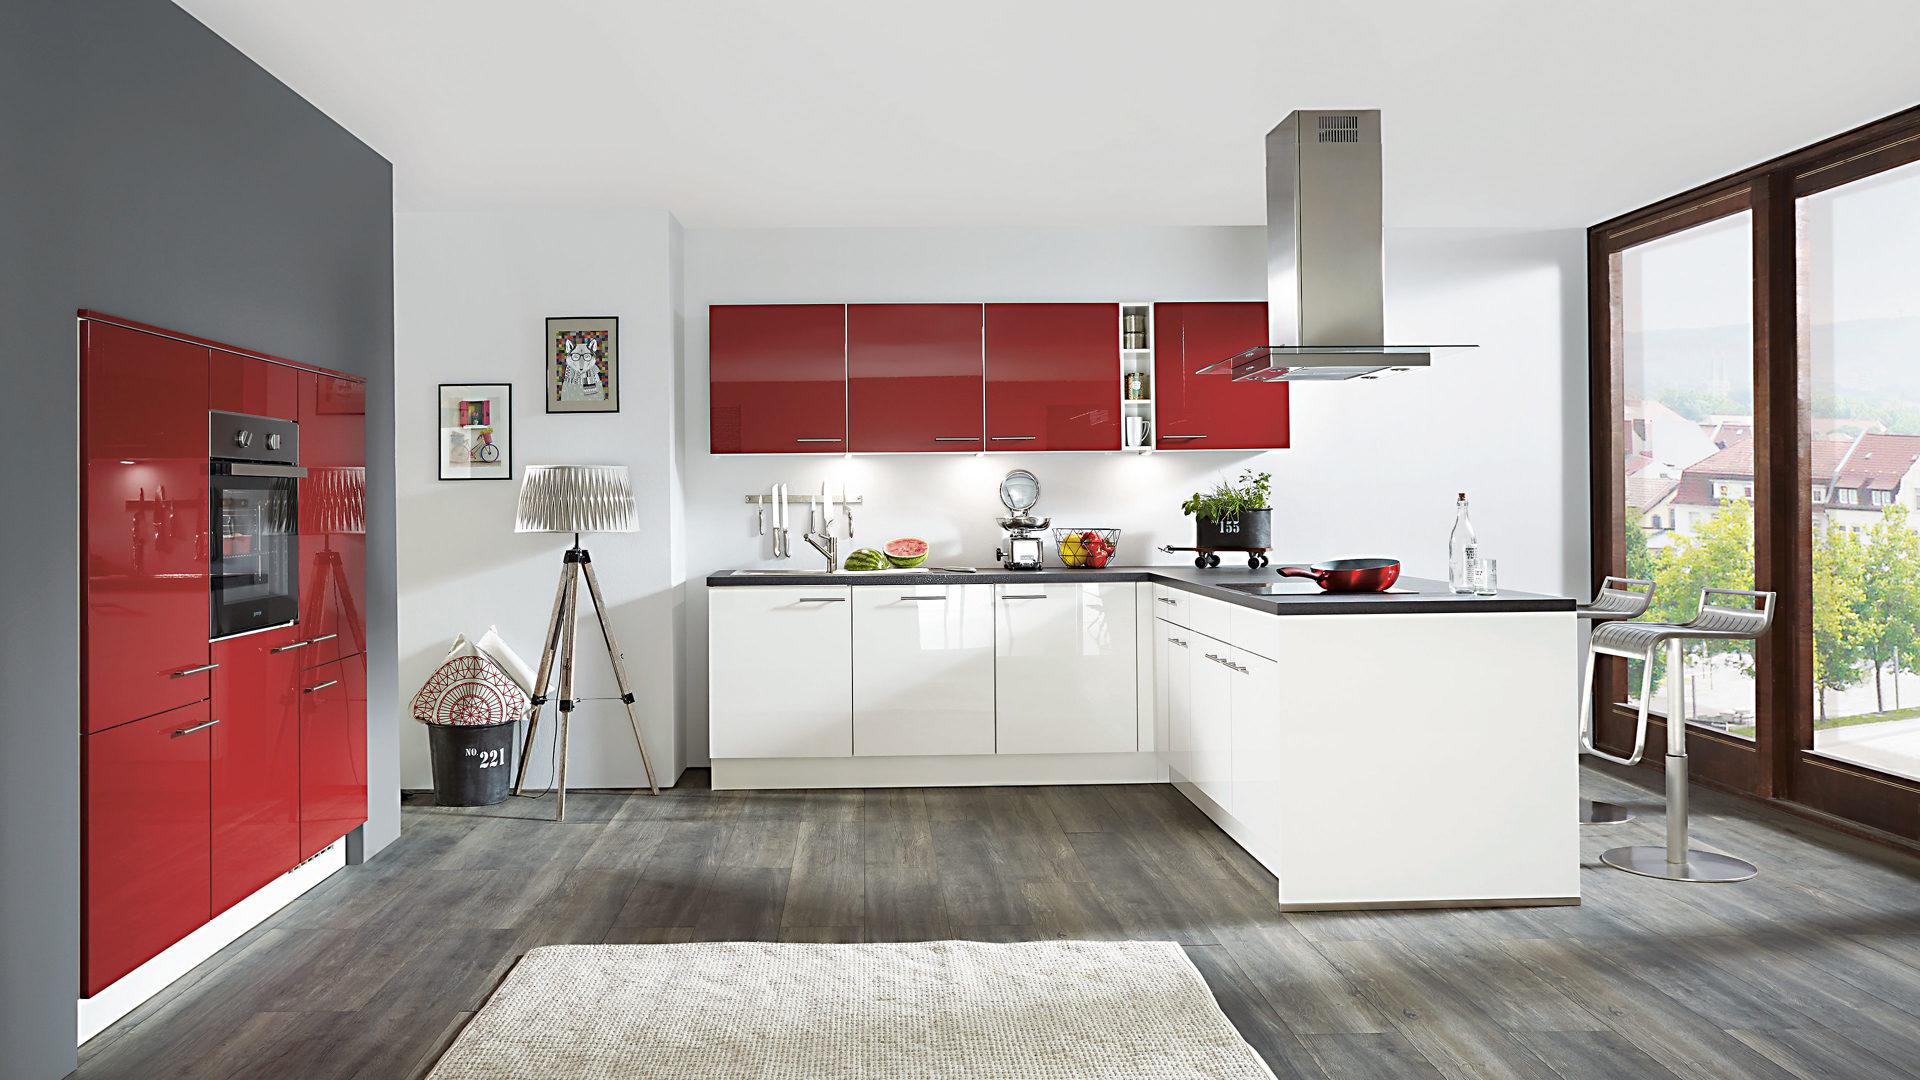 Einbauküche mit gorenje-Elektrogeräten, weiß lackierte Hochglanz ...